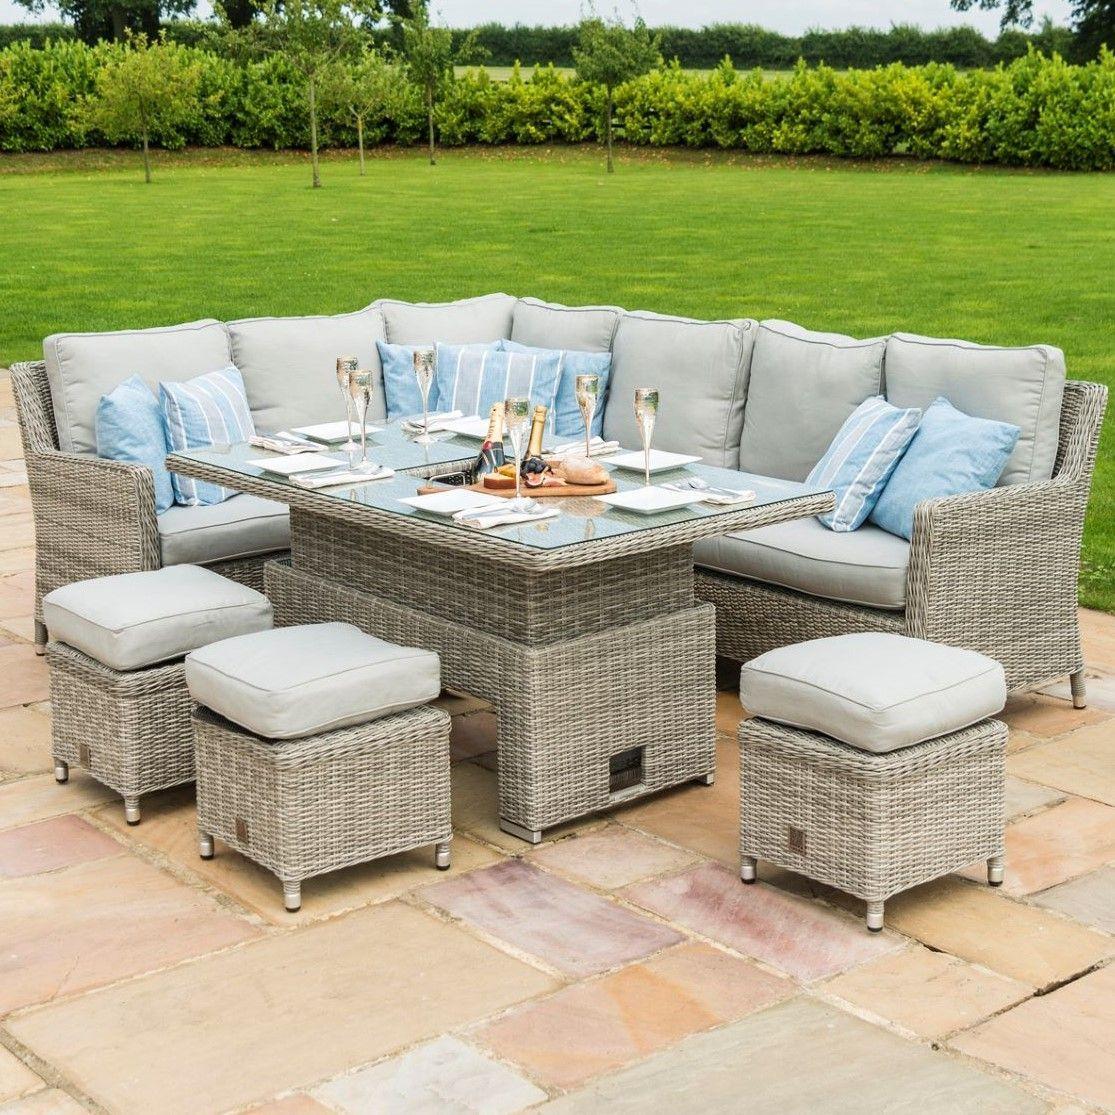 Maze Rattan Garden Furniture Oxford Corner Ice Bucket Set with